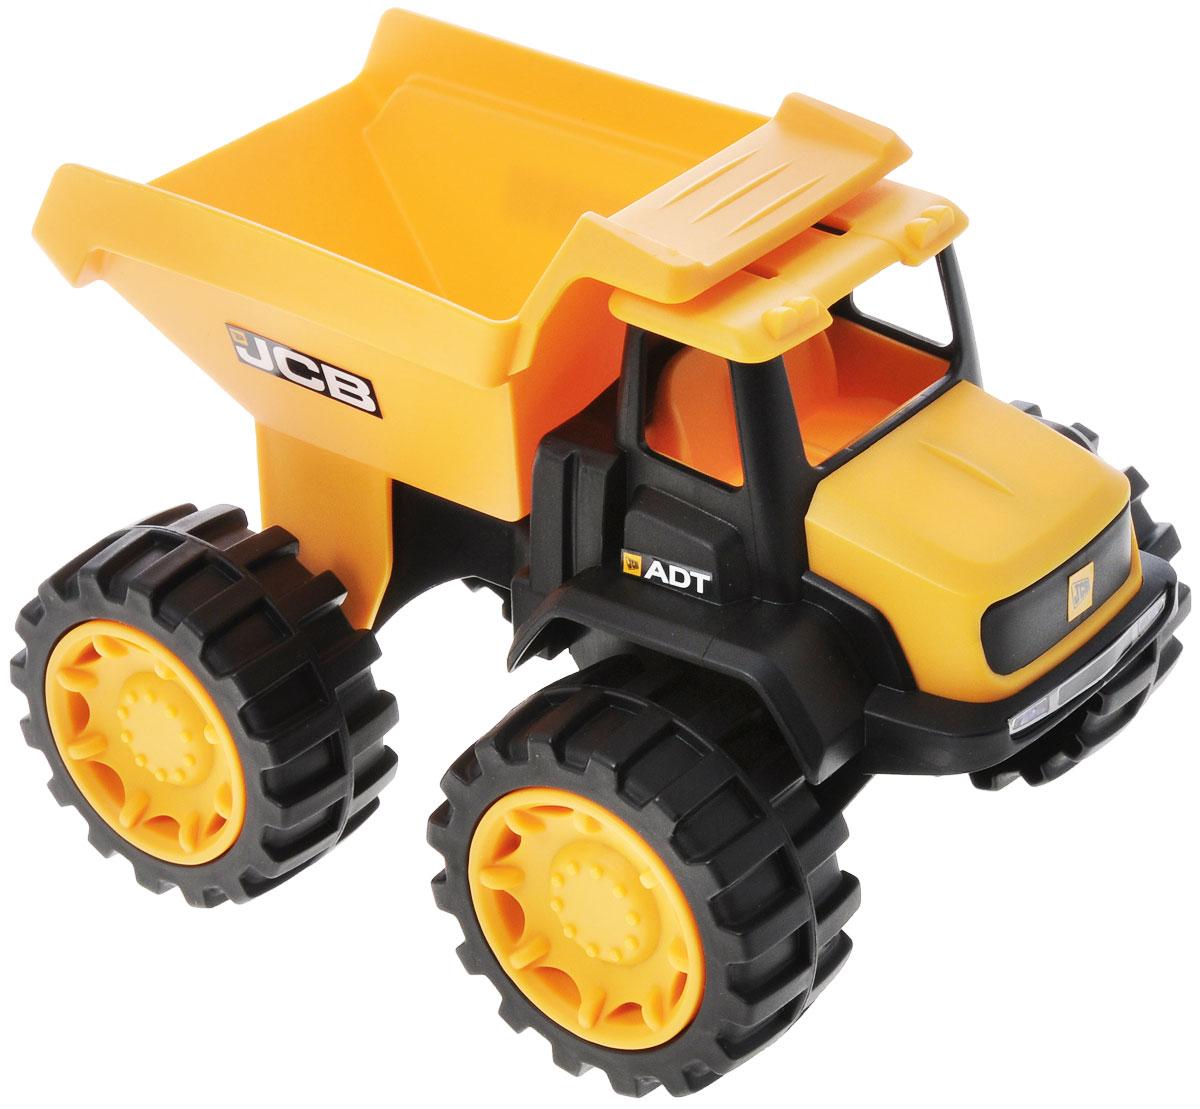 HTI Мини-грузовик JCB1415638.V15Яркий мини-грузовик HTI JCB, изготовленный из прочного безопасного материала желтого и черного цветов, отлично подойдет ребенку для различных игр. Грузовик - прекрасный помощник на строительной площадке. С его помощью можно перевозить камни, песок, ветки и другие грузы. Его кузов поднимается и опускается. Большие колеса с крупным протектором обеспечивают грузовику устойчивость и хорошую проходимость. Ваш юный строитель сможет прекрасно провести время дома или на улице, воспроизводя свою стройку.